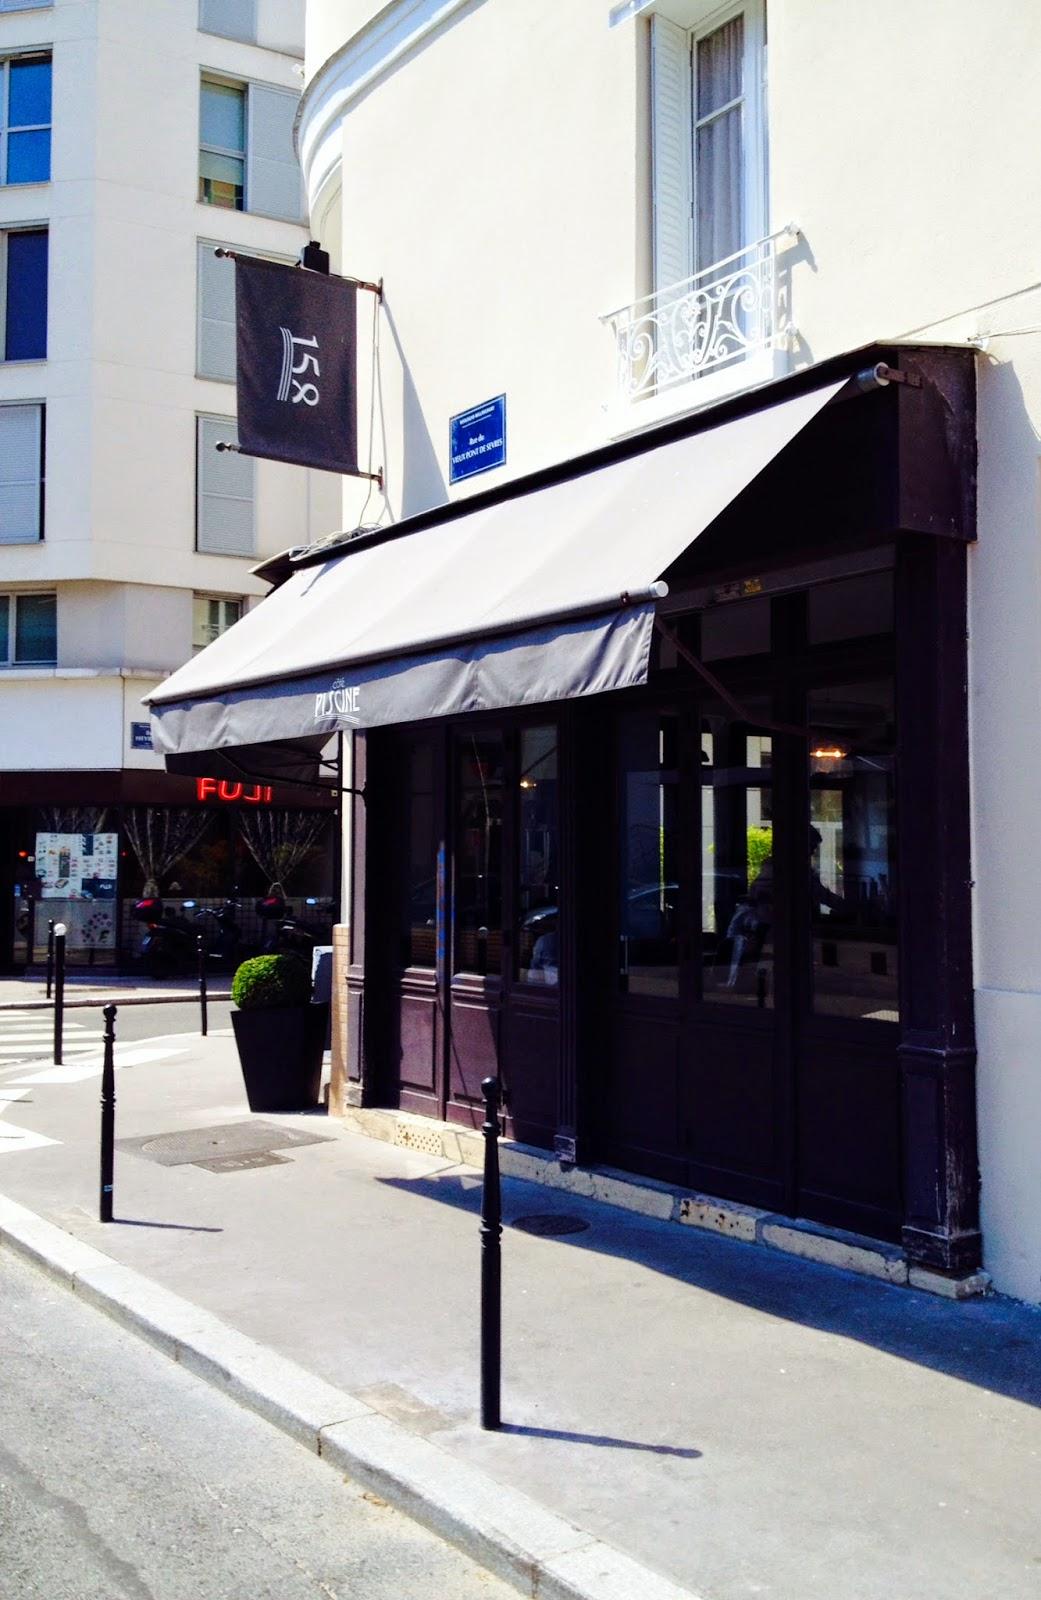 158 Côté Piscine : Bar Restau À Boulogne | Globeshoppeuse concernant 158 Coté Piscine